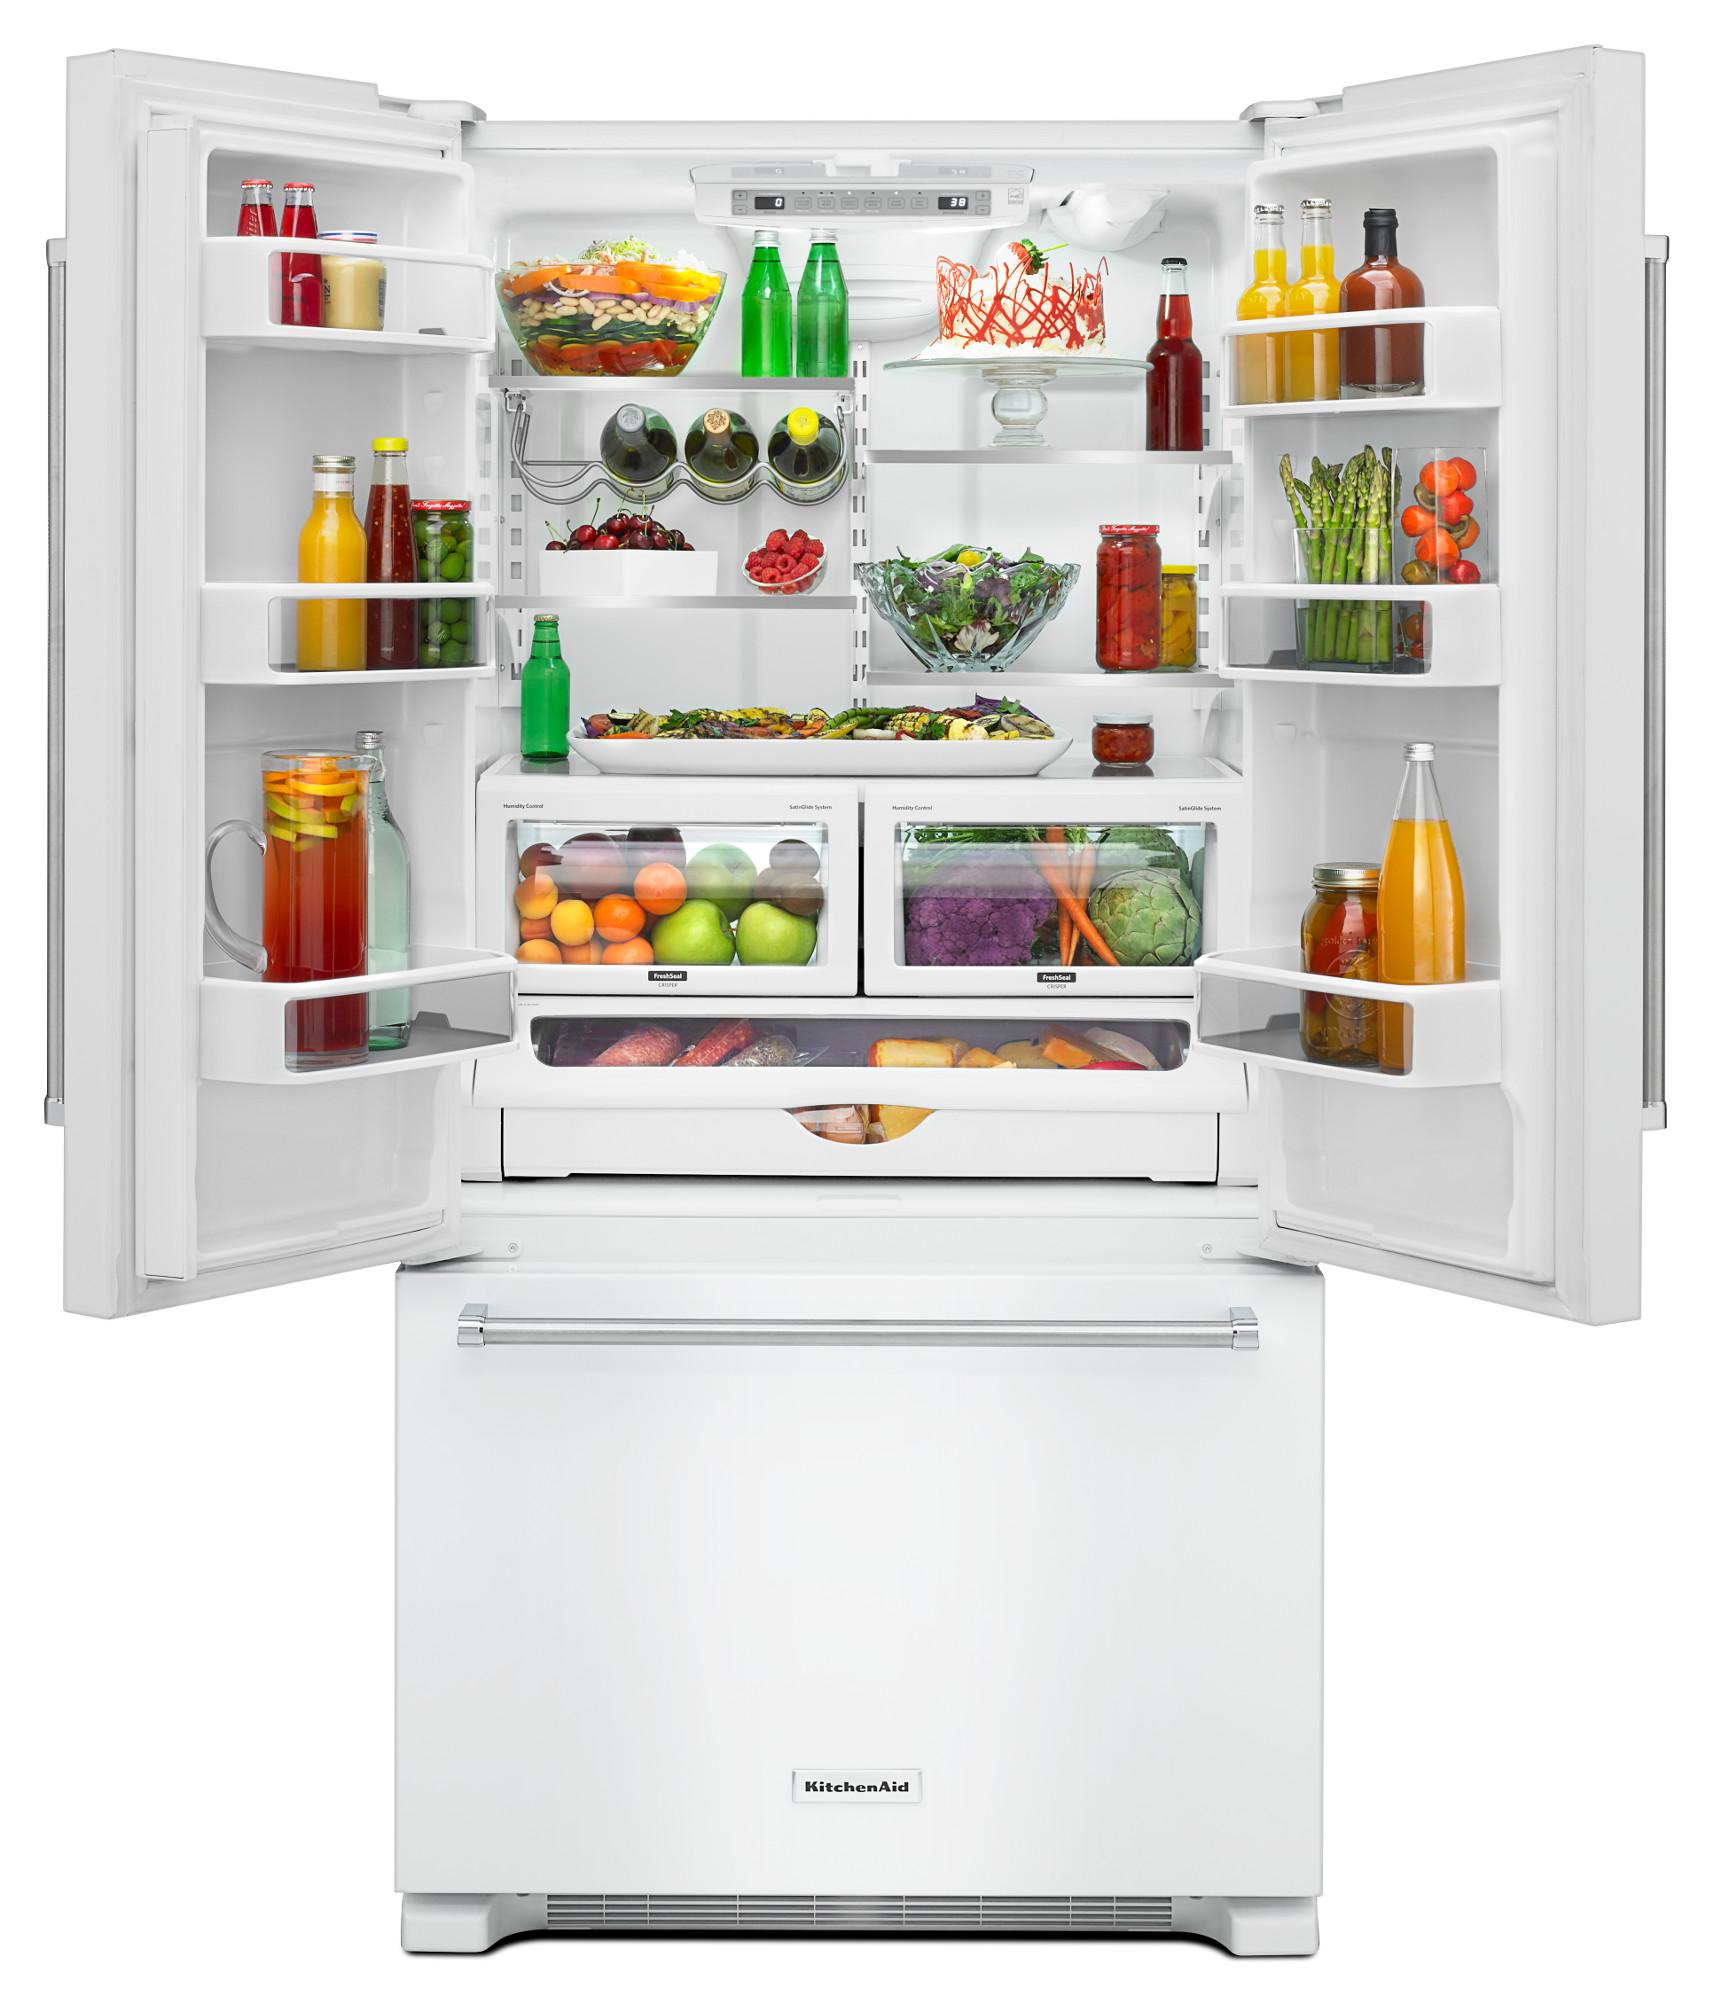 KitchenAid KRFC302EWH 22 cu. ft. Counter-Depth French Door Refrigerator - White